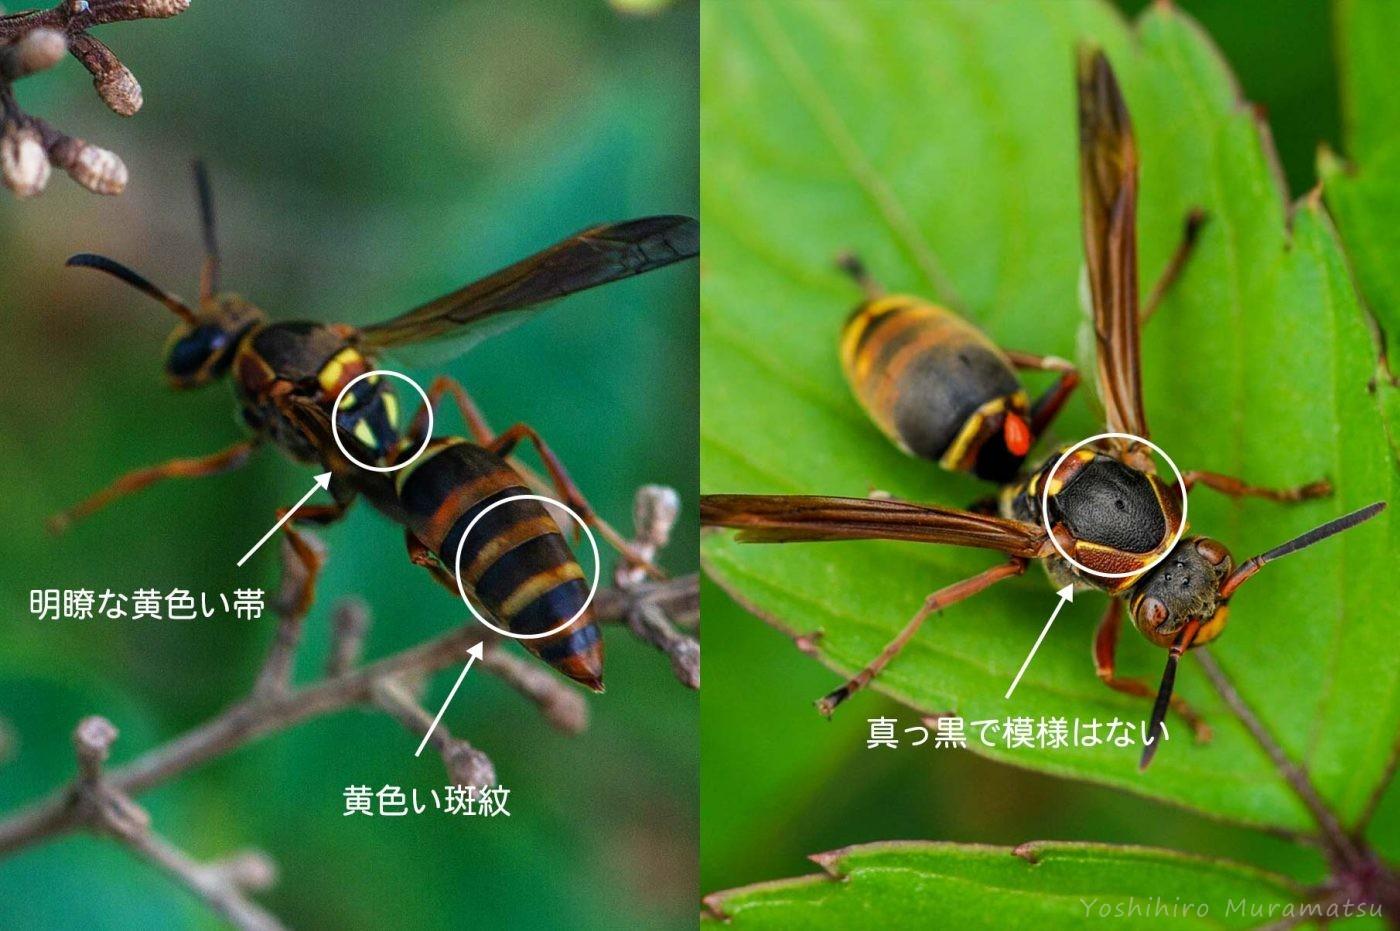 コアシナガバチの解説